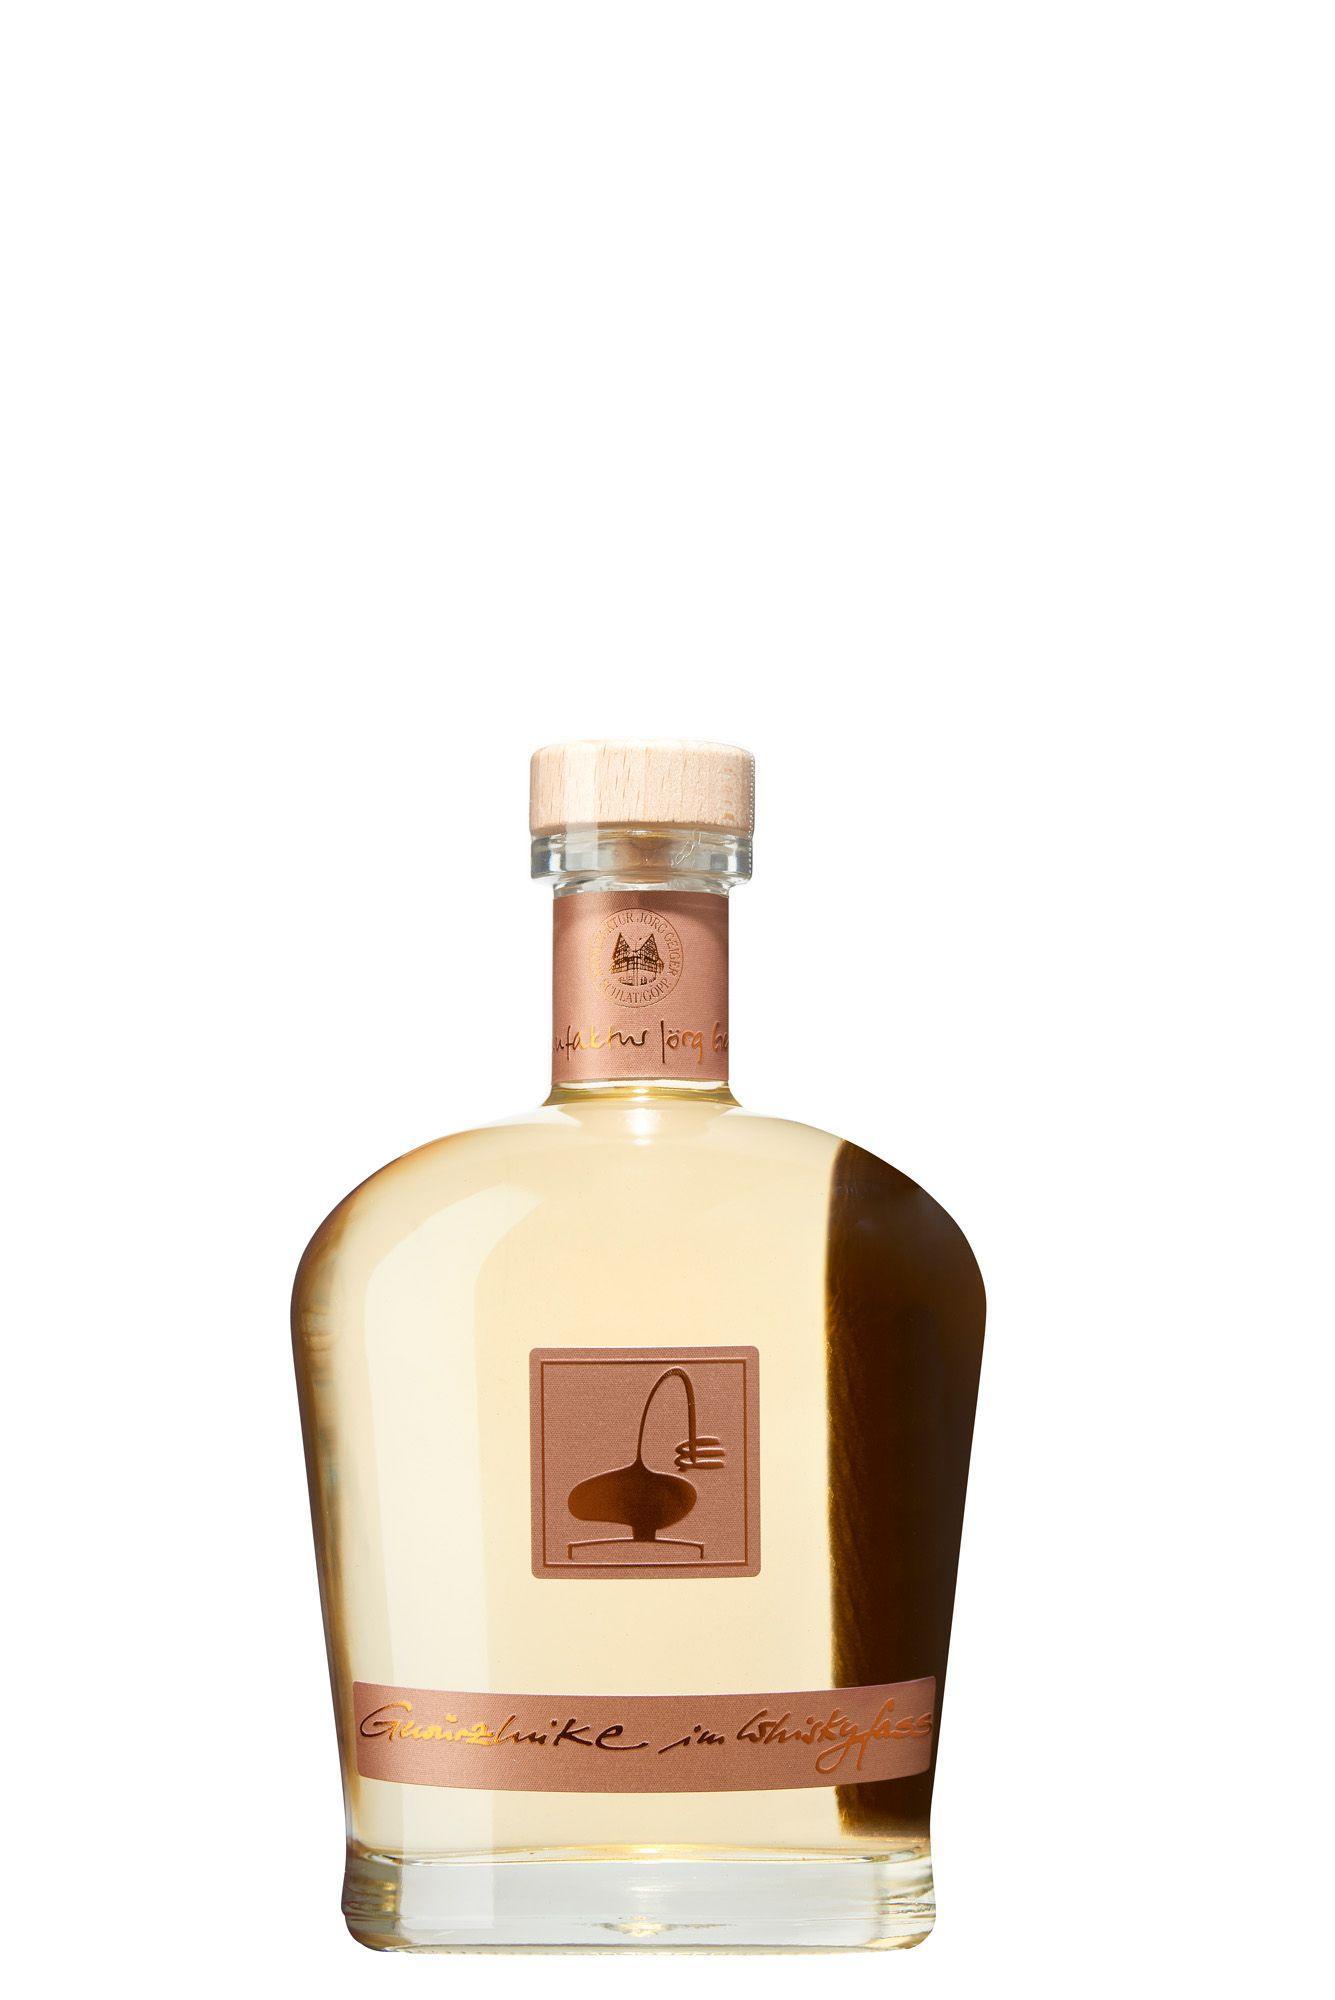 Gewürzluike im Schottischen Whiskyfass LC4 0,7l